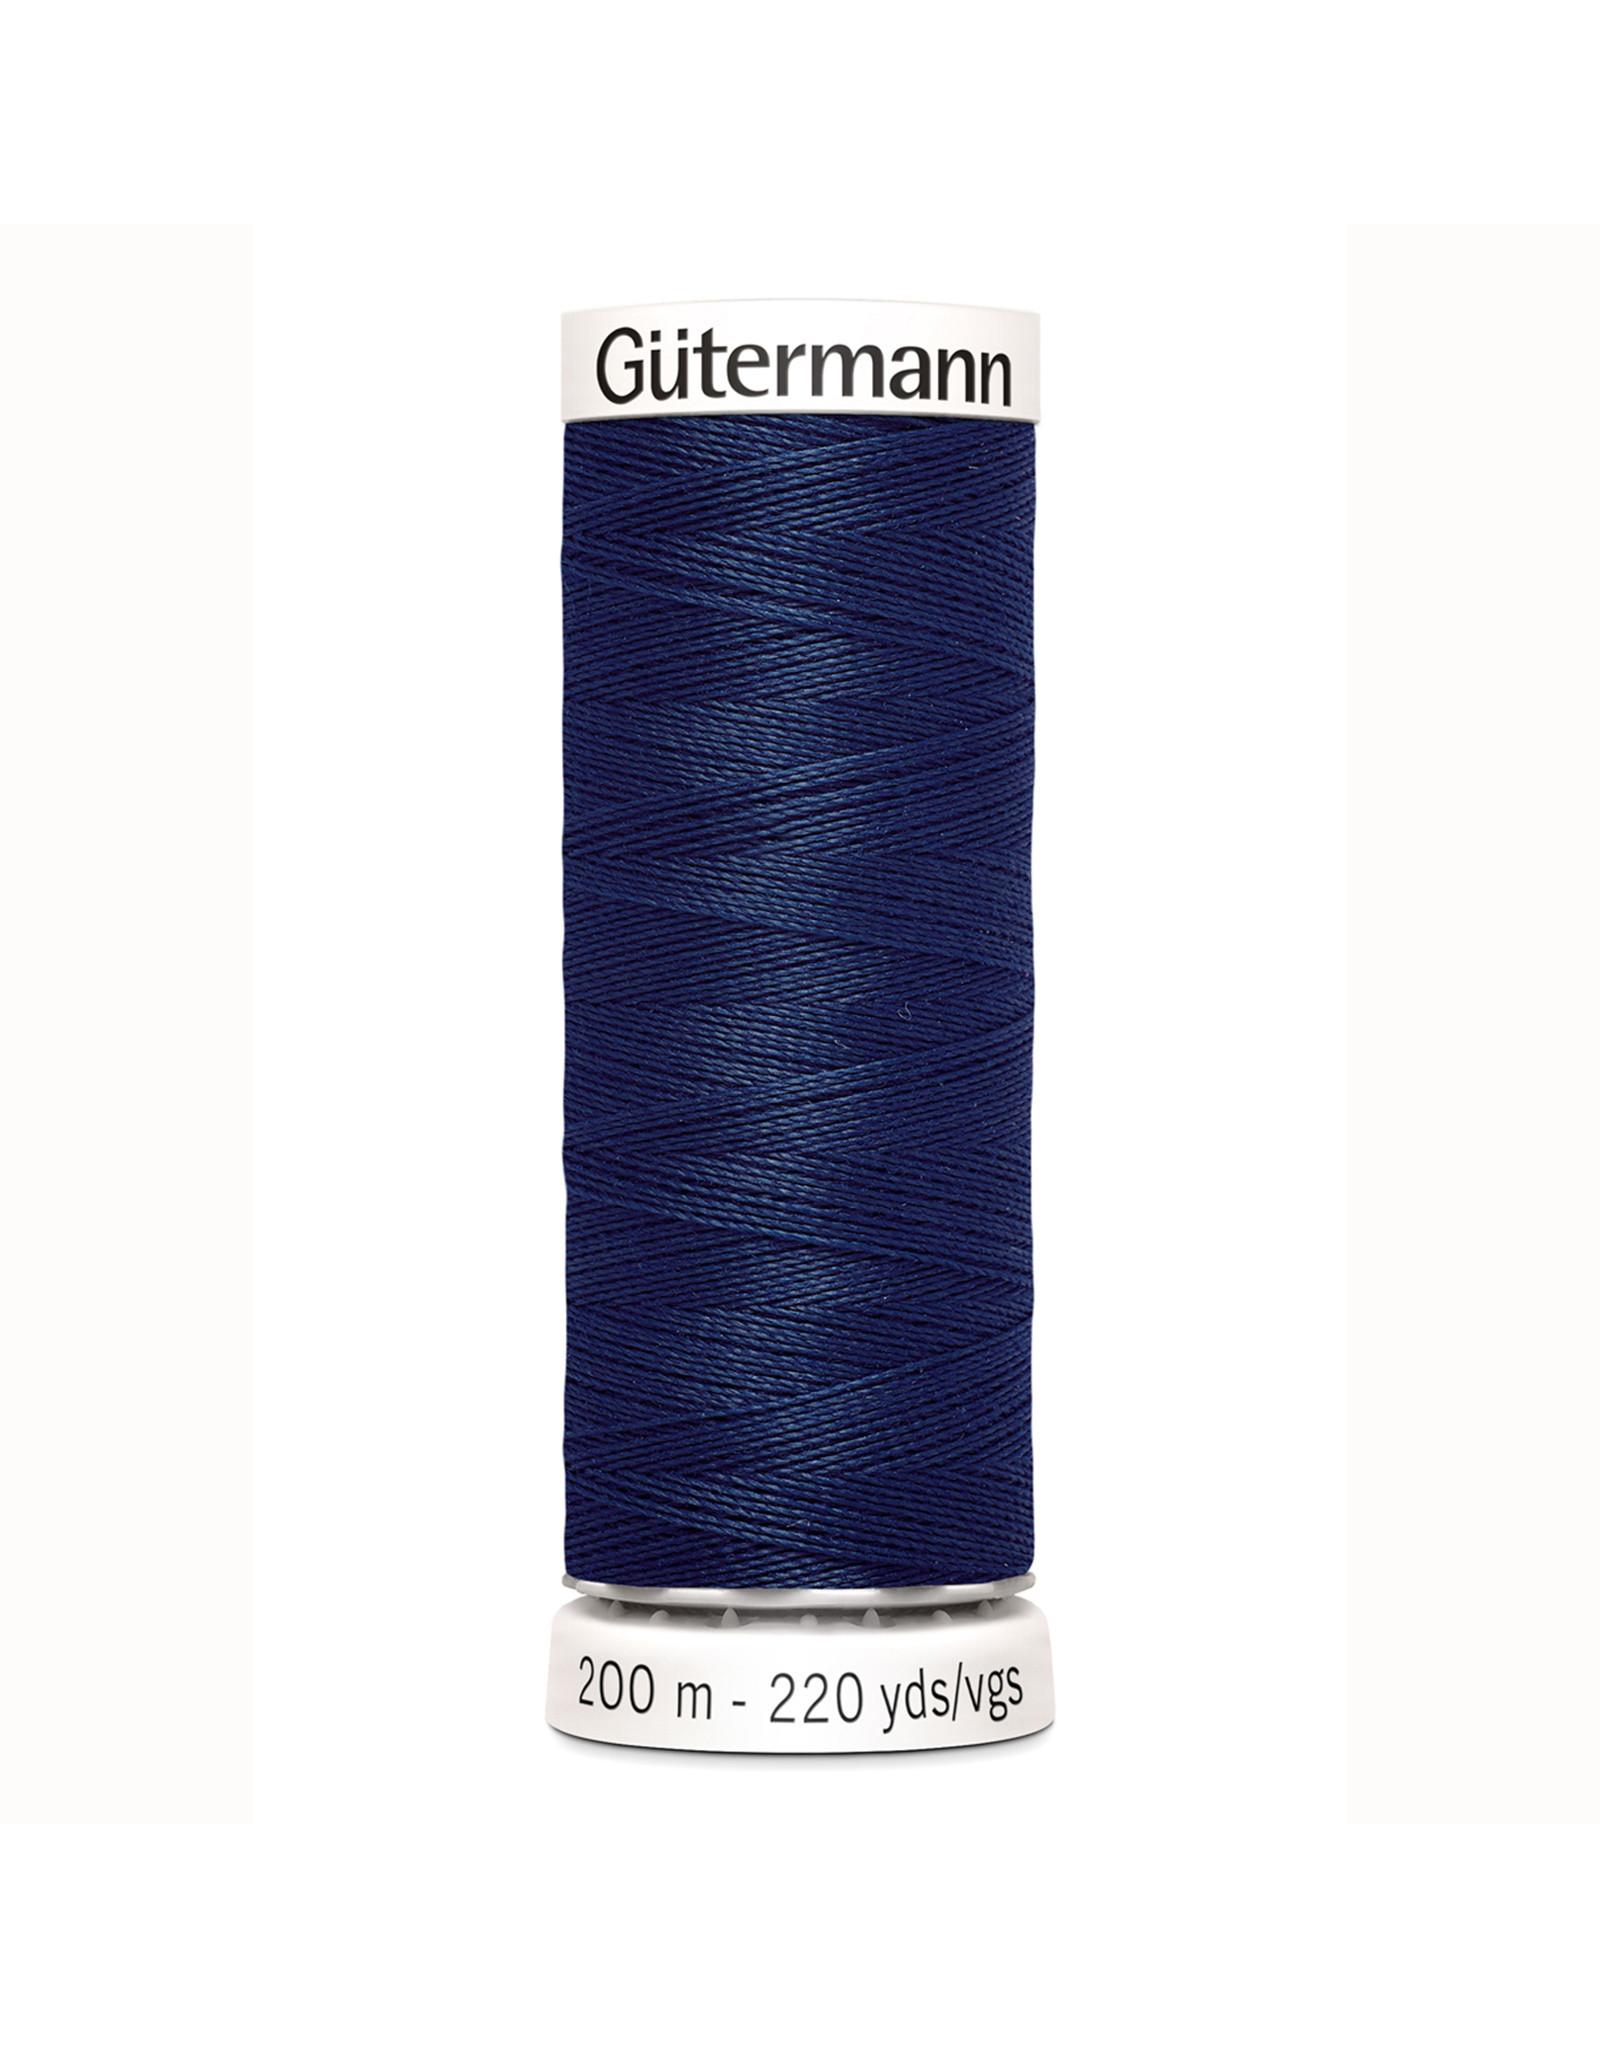 Gütermann Gütermann Nähgarn 200 m - nr 11